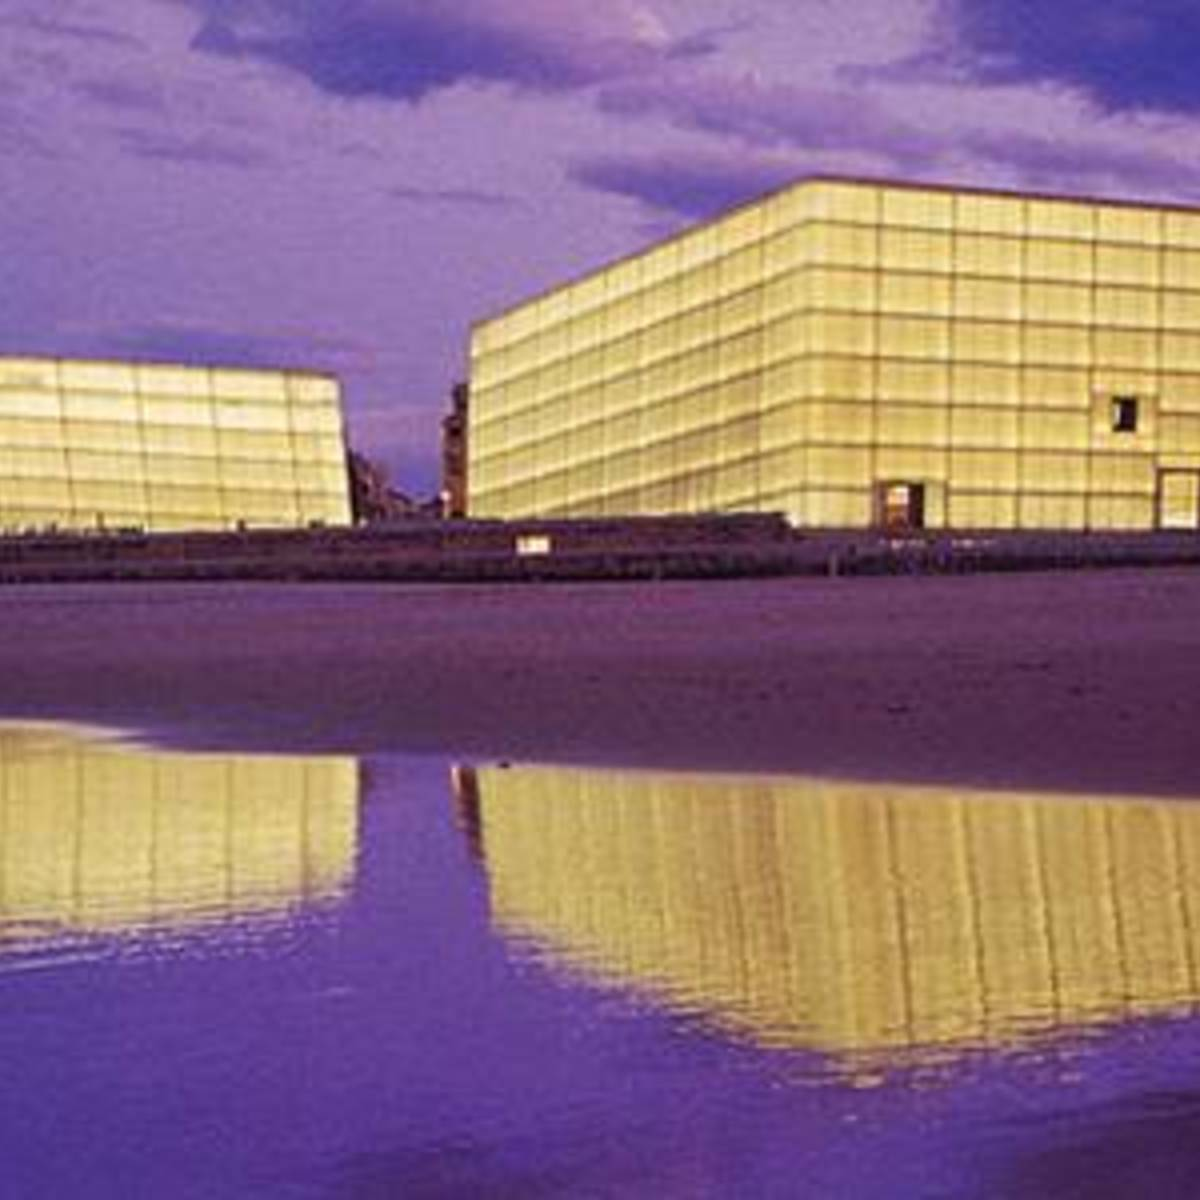 Kursaal Auditorium E Centro Congressi Spagna Floornature